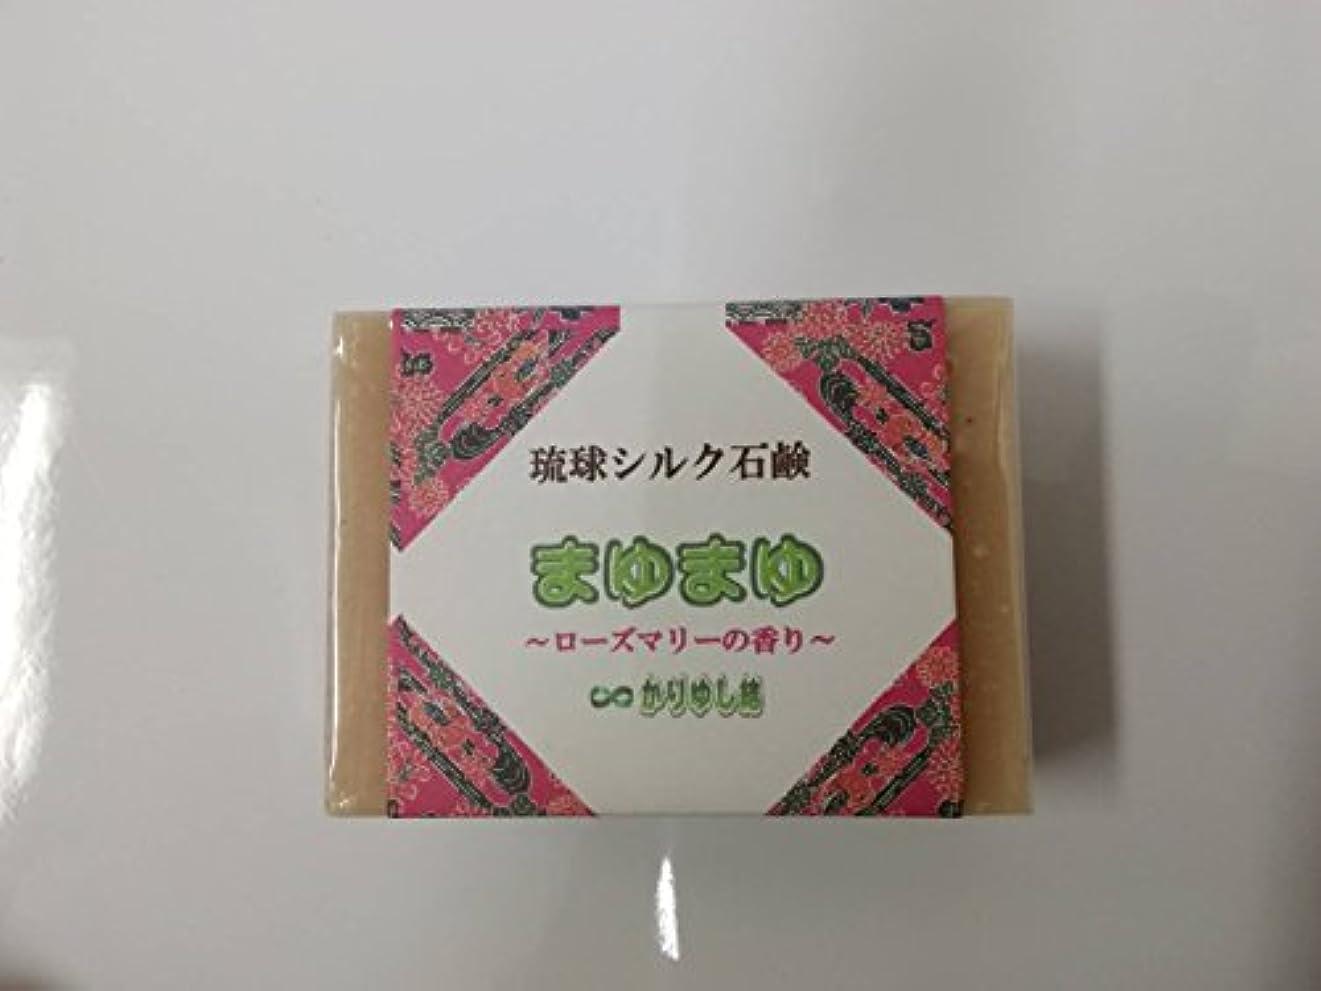 火炎アフリカ意味のある琉球シルク石鹸 まゆまゆ ピンクカオリン ローズマリーの香り